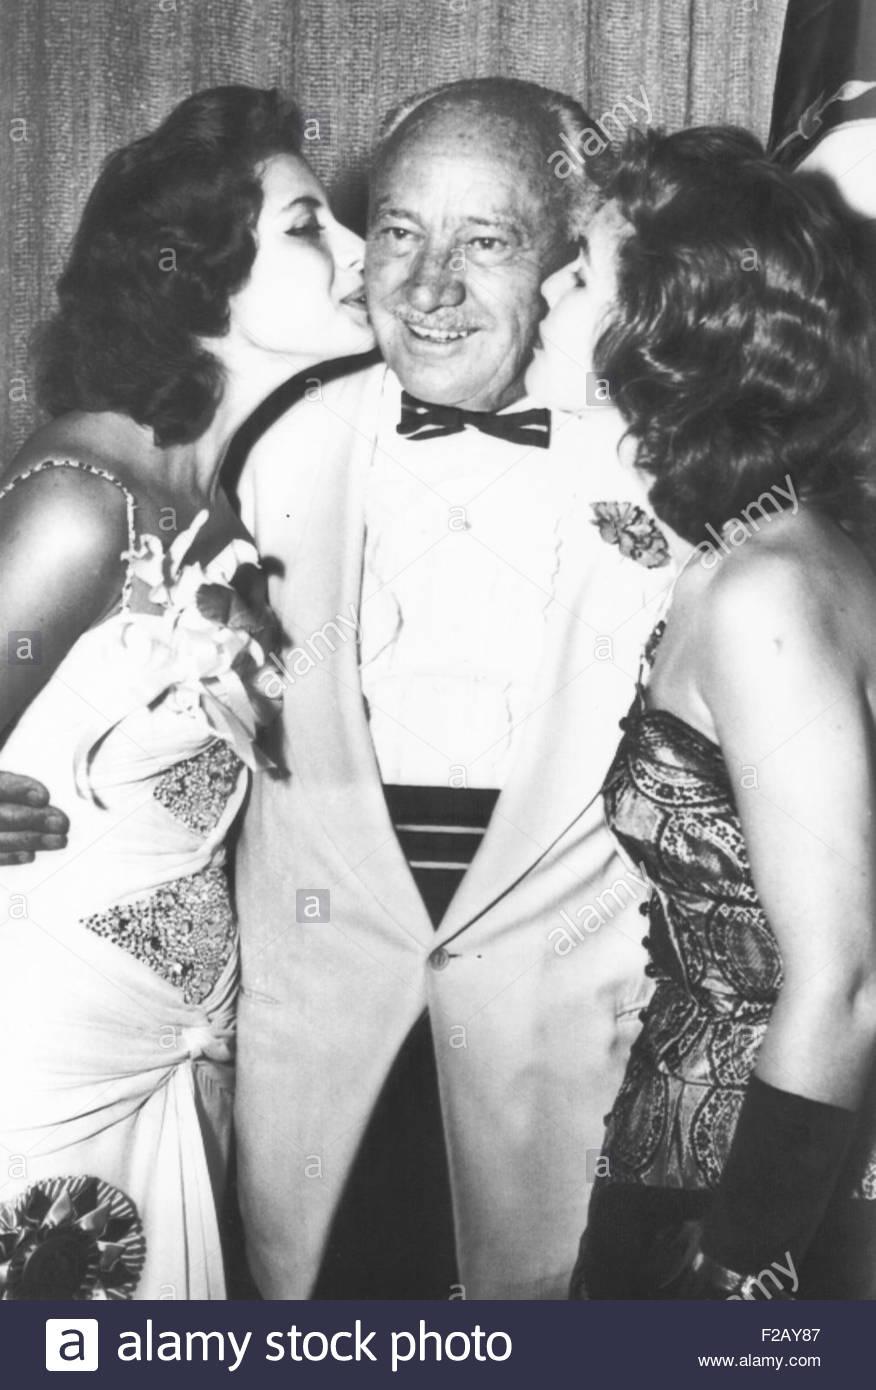 gladys zender, miss universe 1957. primera latina a vencer este concurso. - Página 2 Conrad10